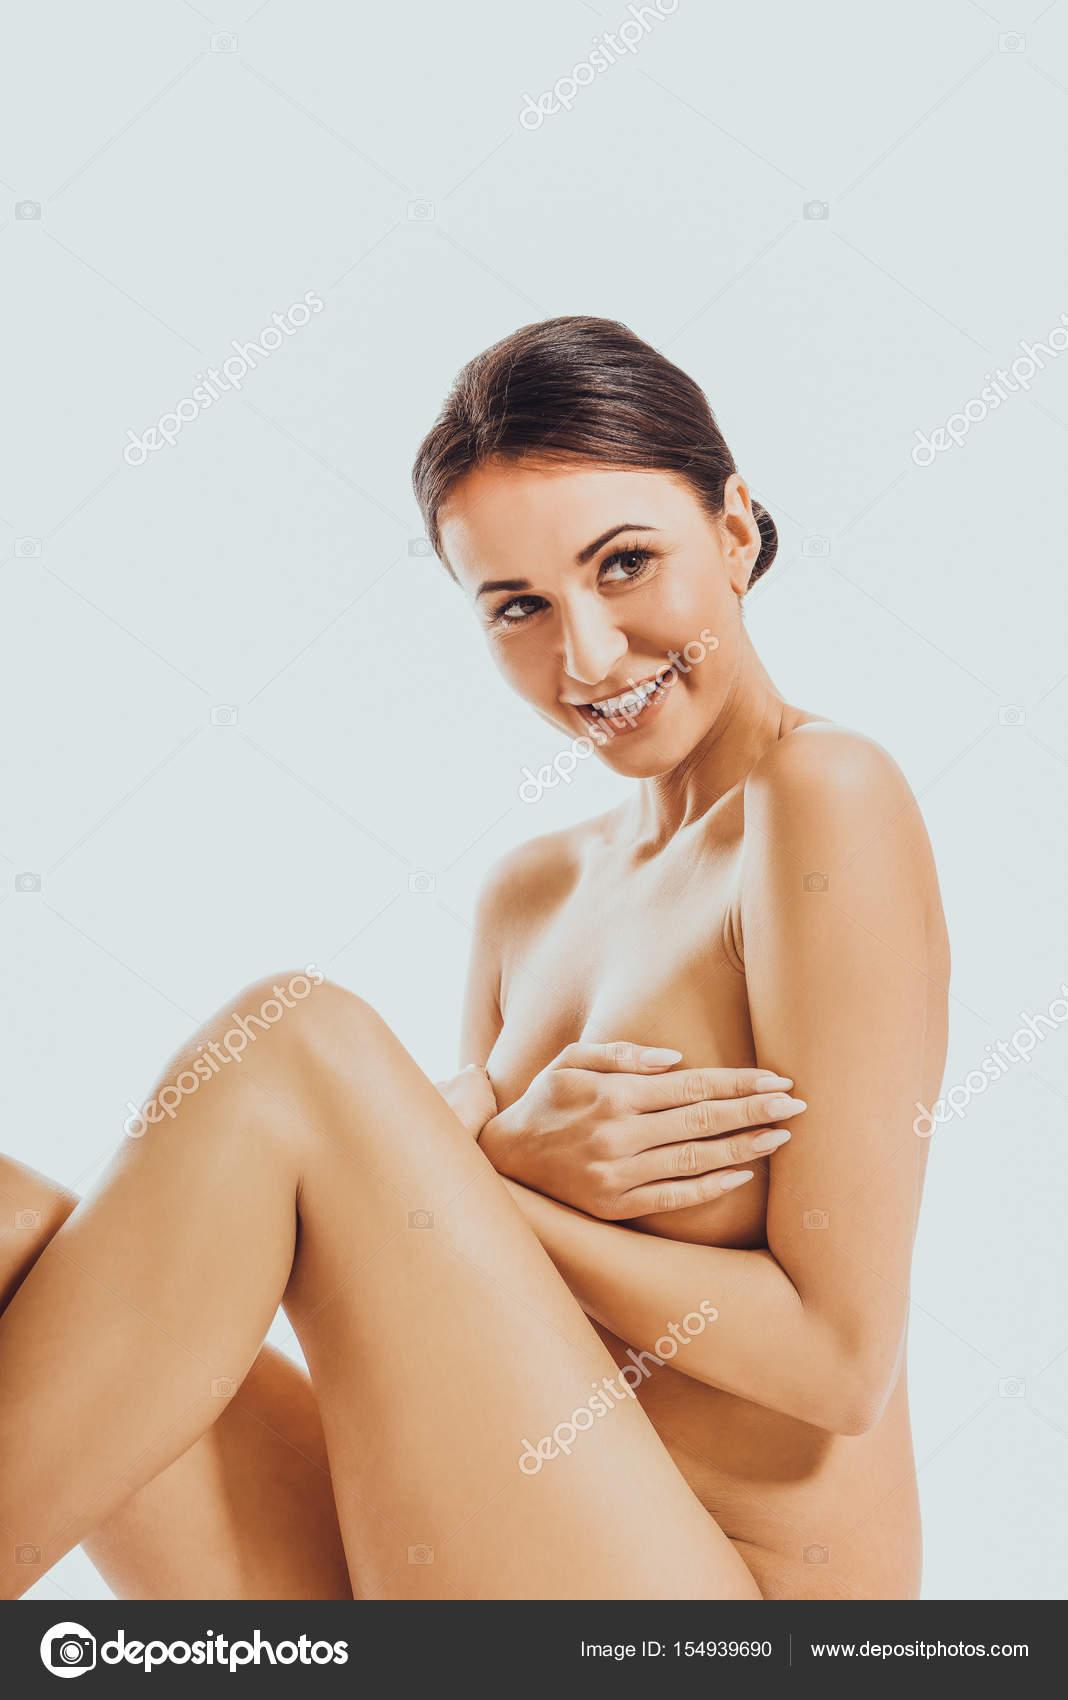 γυμνή γυναίκα φωτογραφίες